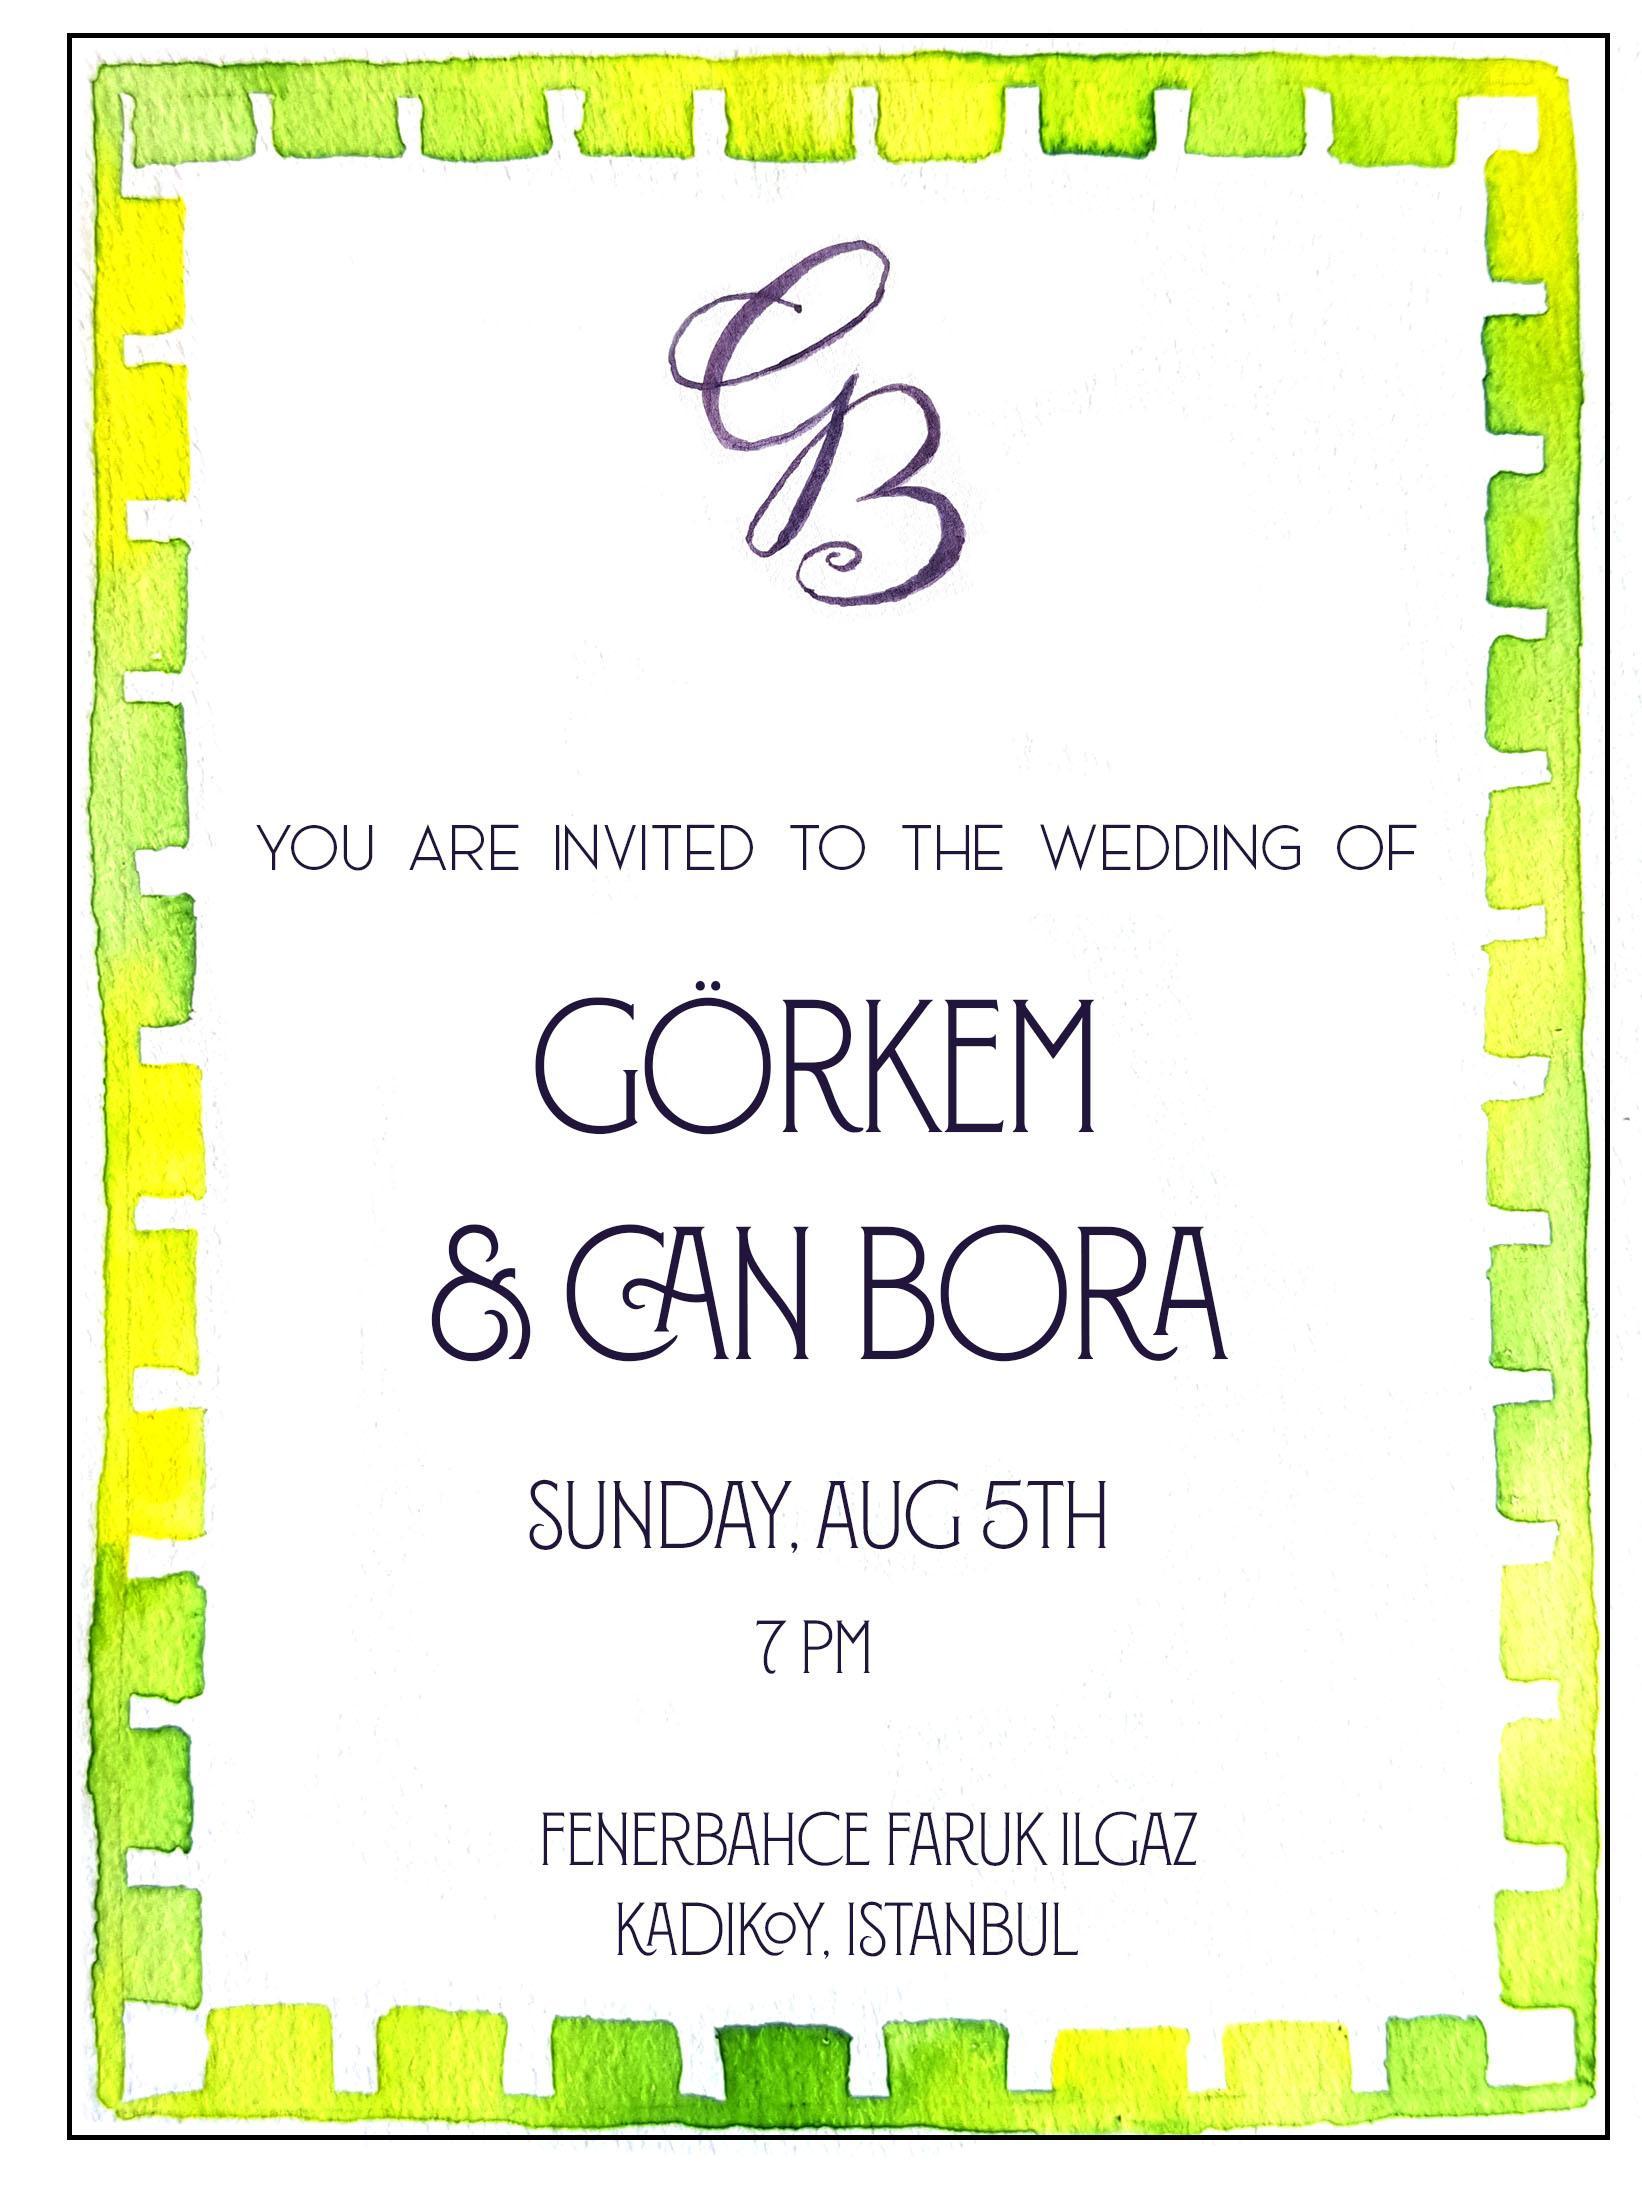 Invitation.jpeg